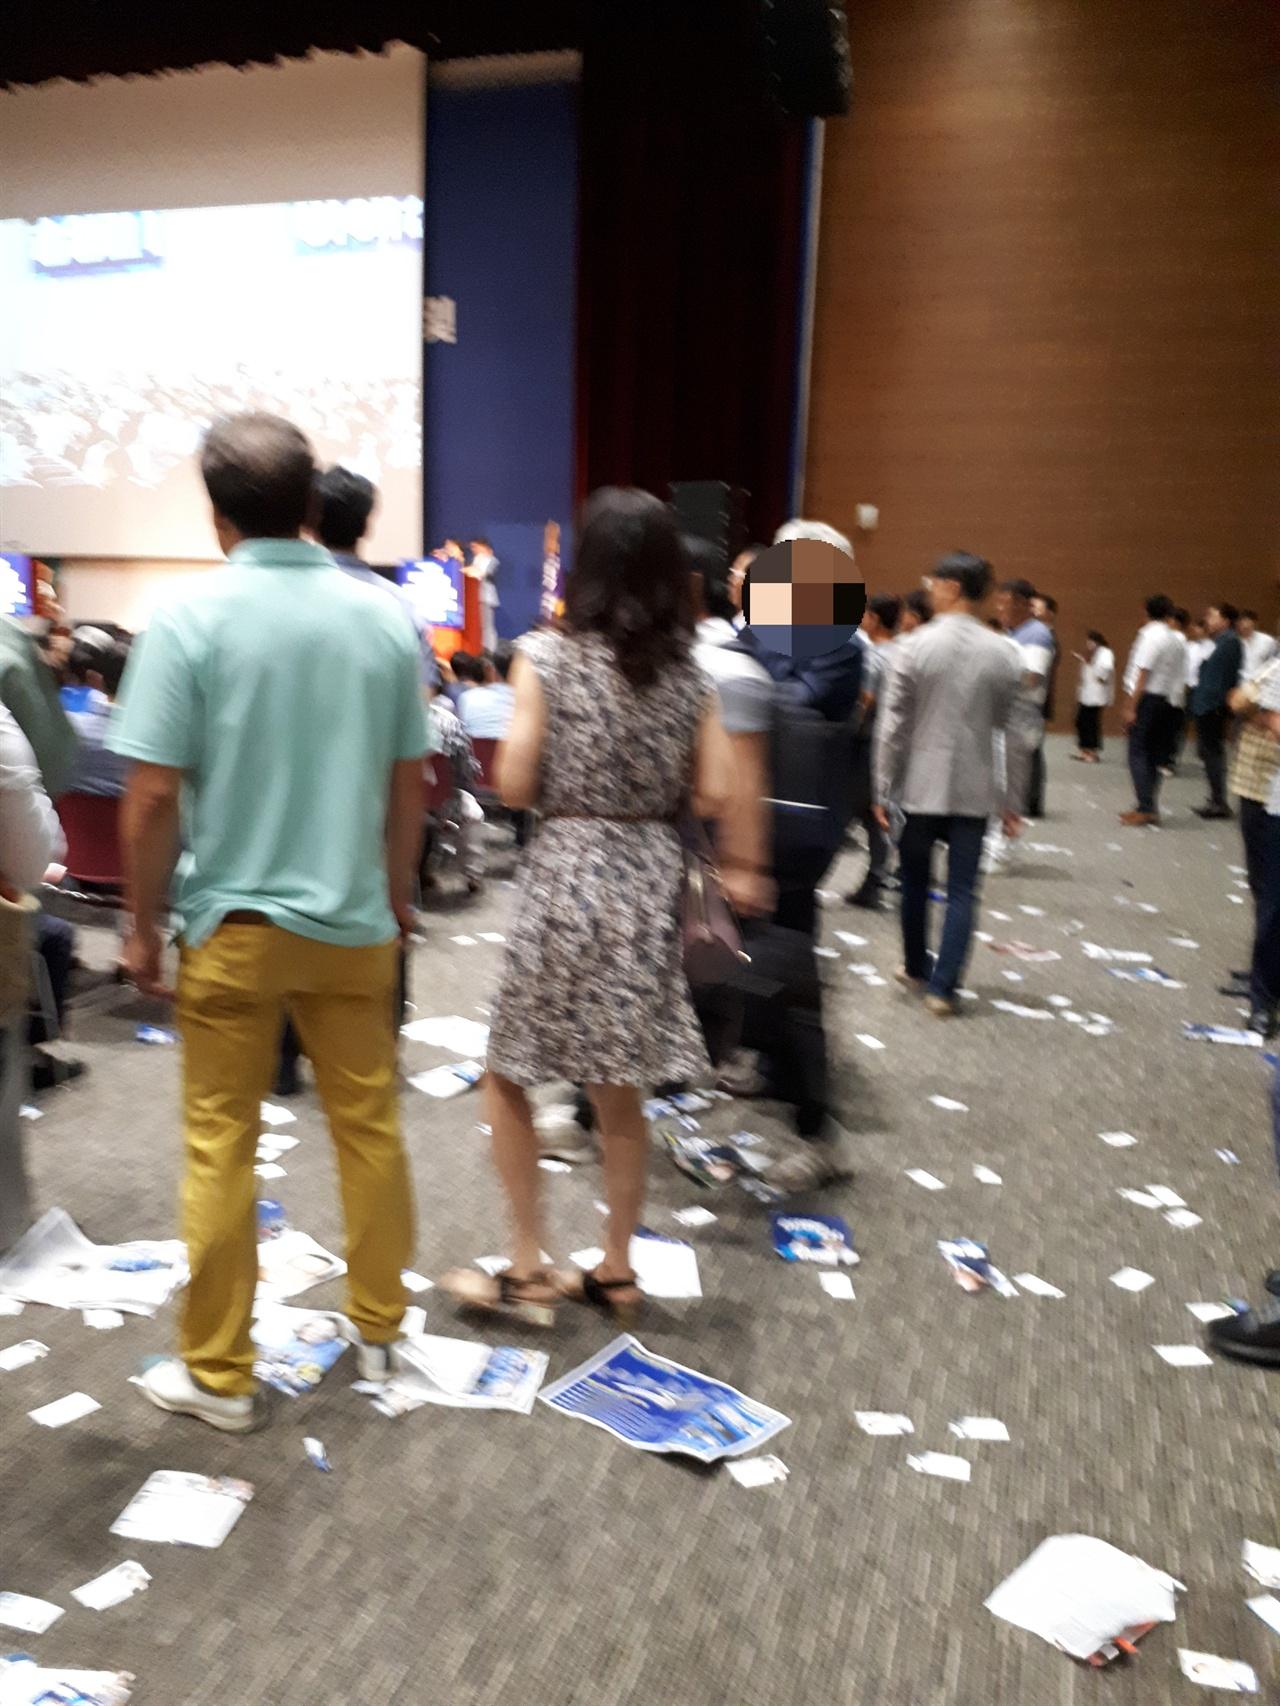 전당대회가 열린 행사장 전당대회가 열린 행사장 바닥에 지지자들이 버린 후보자 홍보물이 곳곳에 놓여 있다.